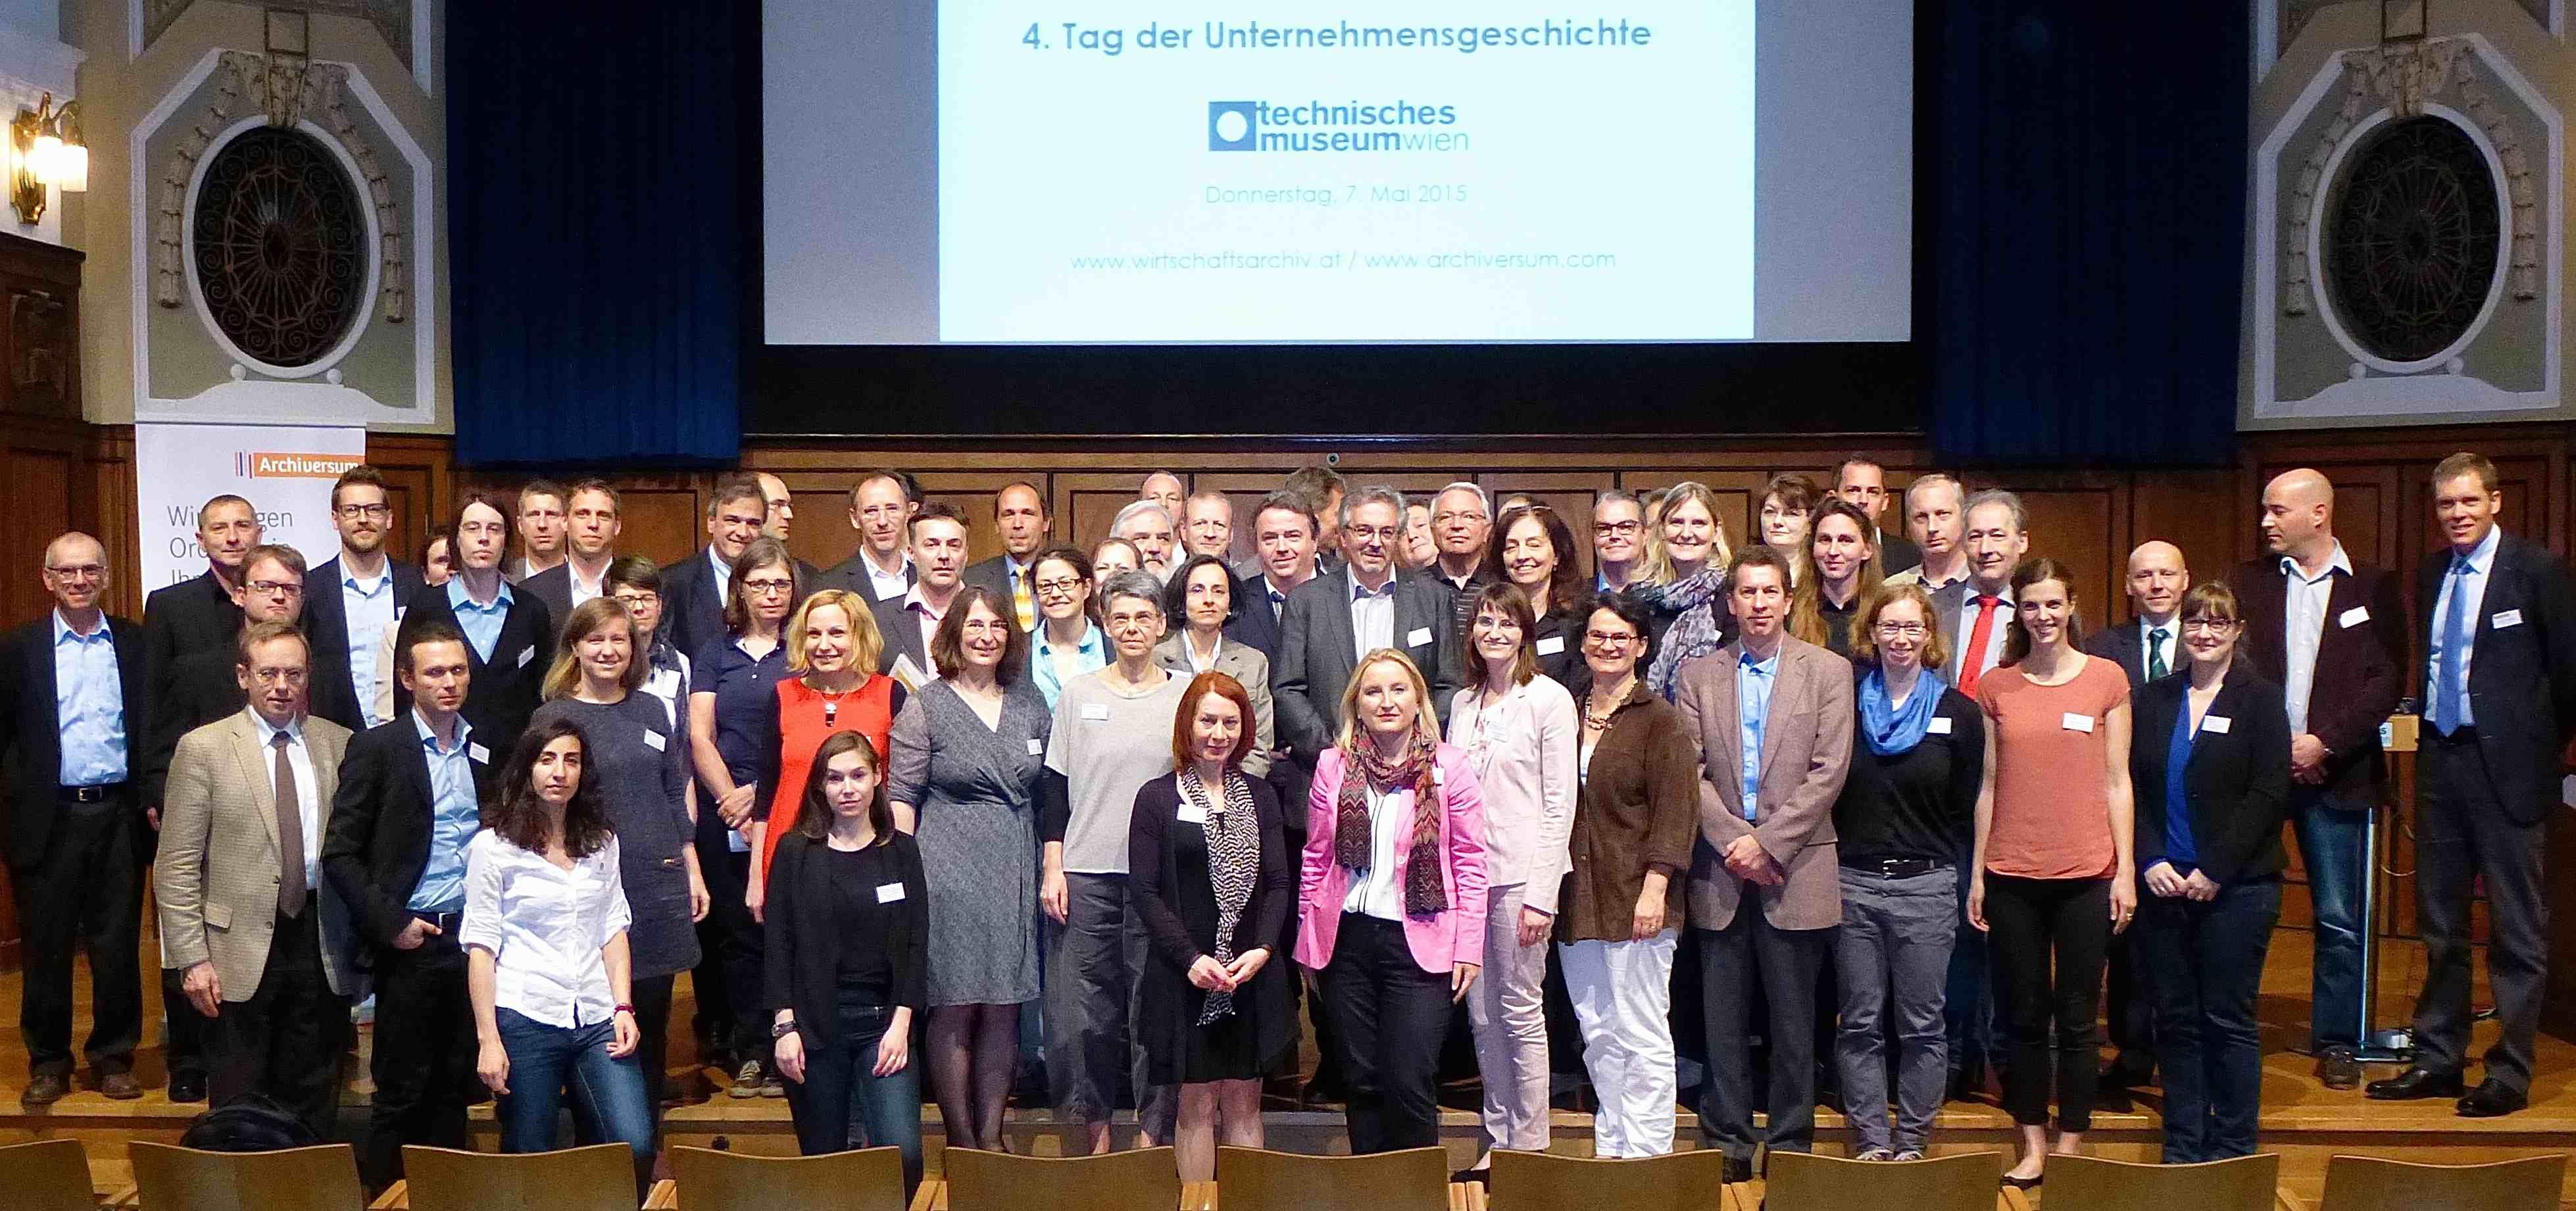 Teilnehmer 4. Tag der Unternehmensgeschichte